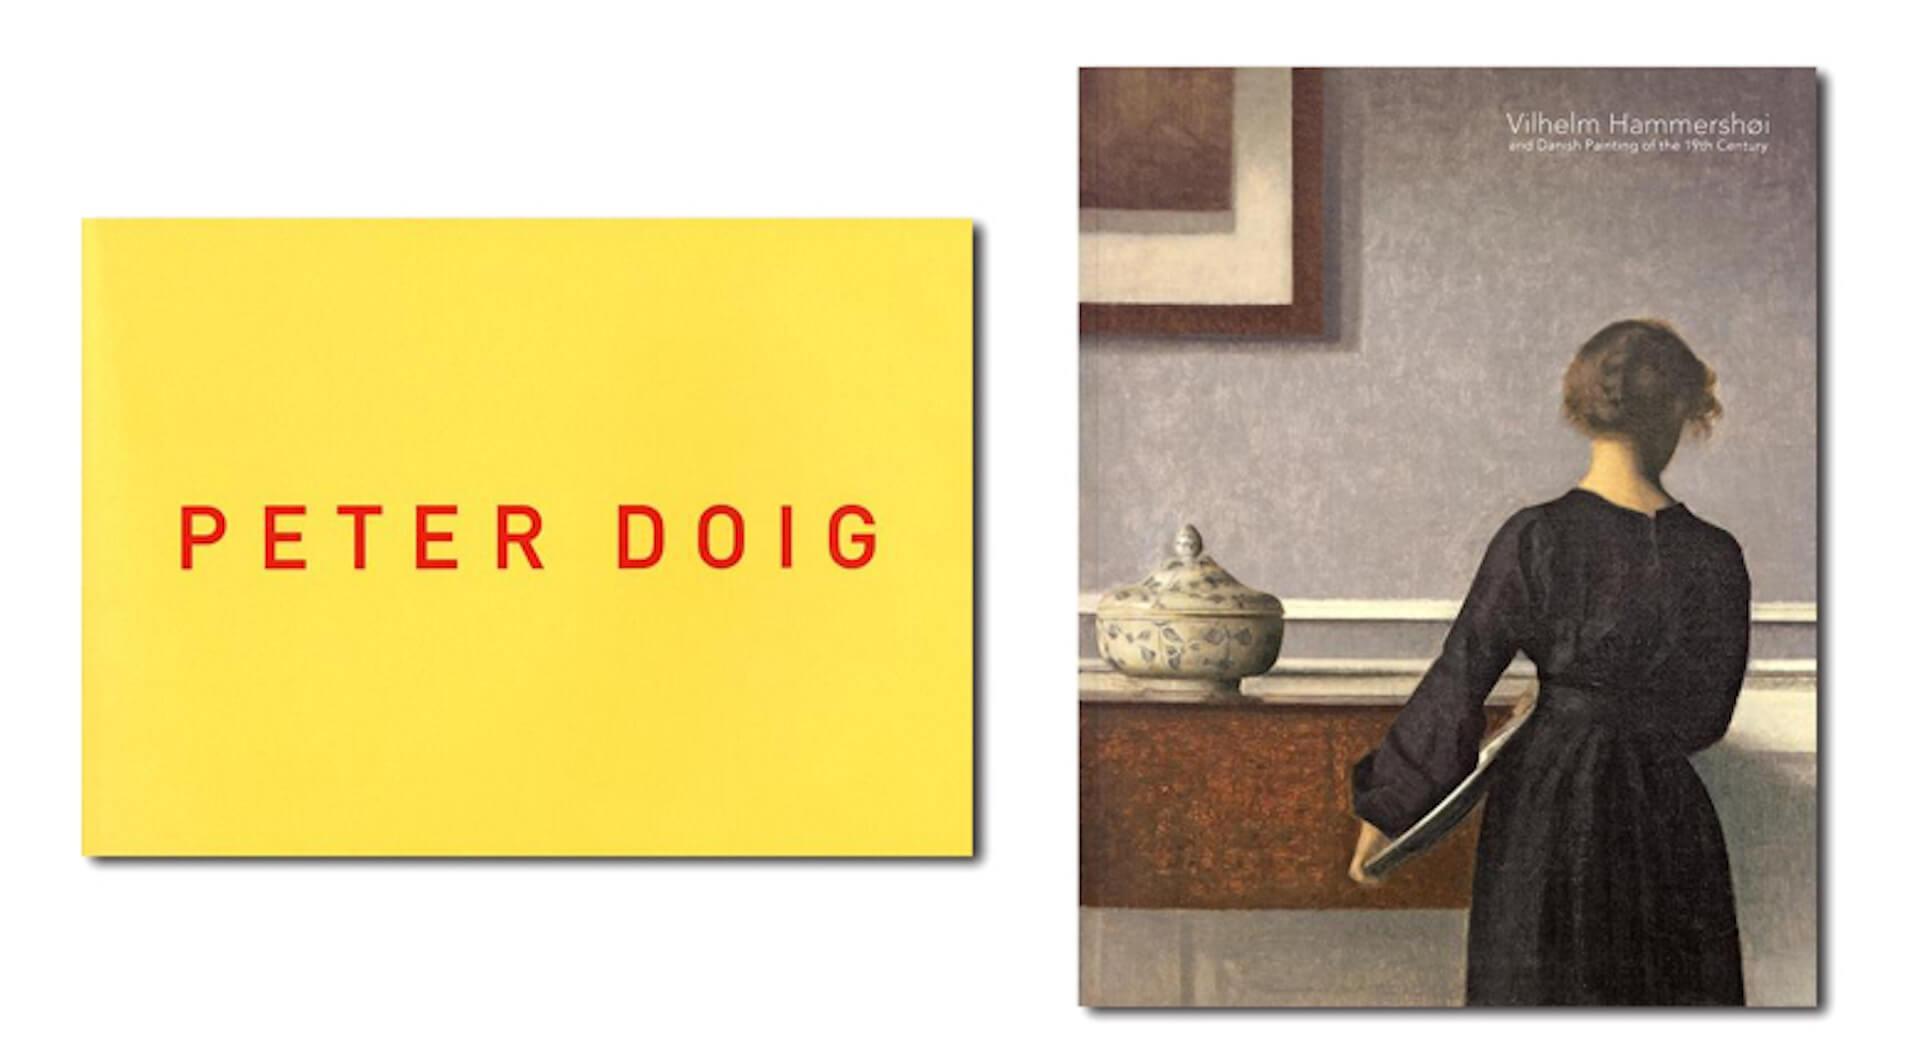 アートやカルチャー好き必見!銀座 蔦屋書店が普段は公開しない売れ筋ランキングを一挙公開|ソール・ライター写真集や展覧会図録など art200507_tsutayashoten_12